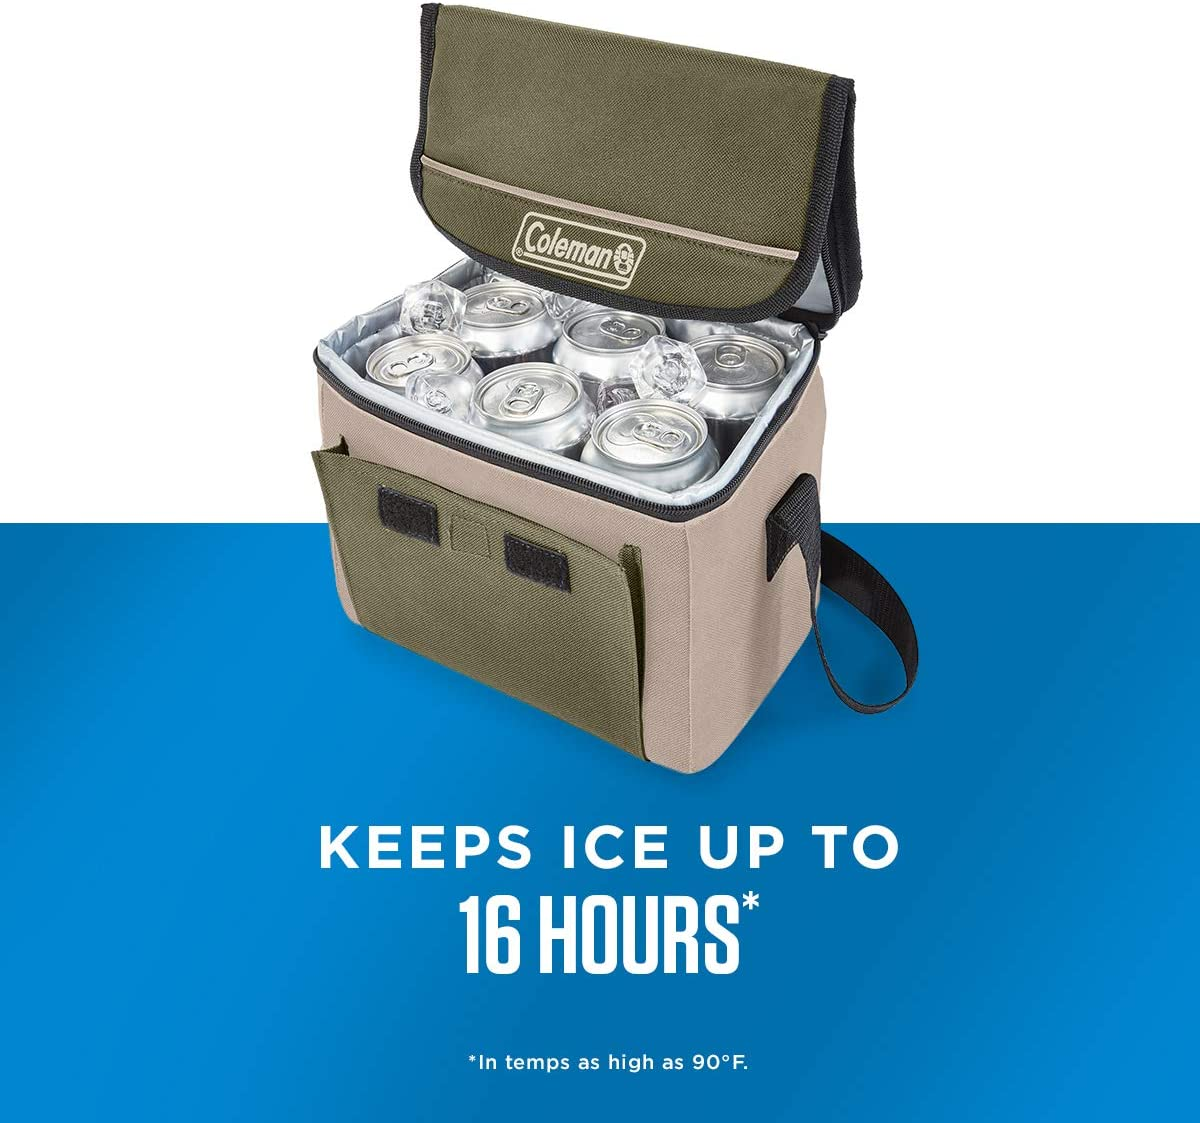 Coleman Enfriador Plegable con retenci/ón de Hielo de 16 Horas Bolsa de refrigeraci/ón de Lado Suave se pliega para un Almacenamiento Compacto